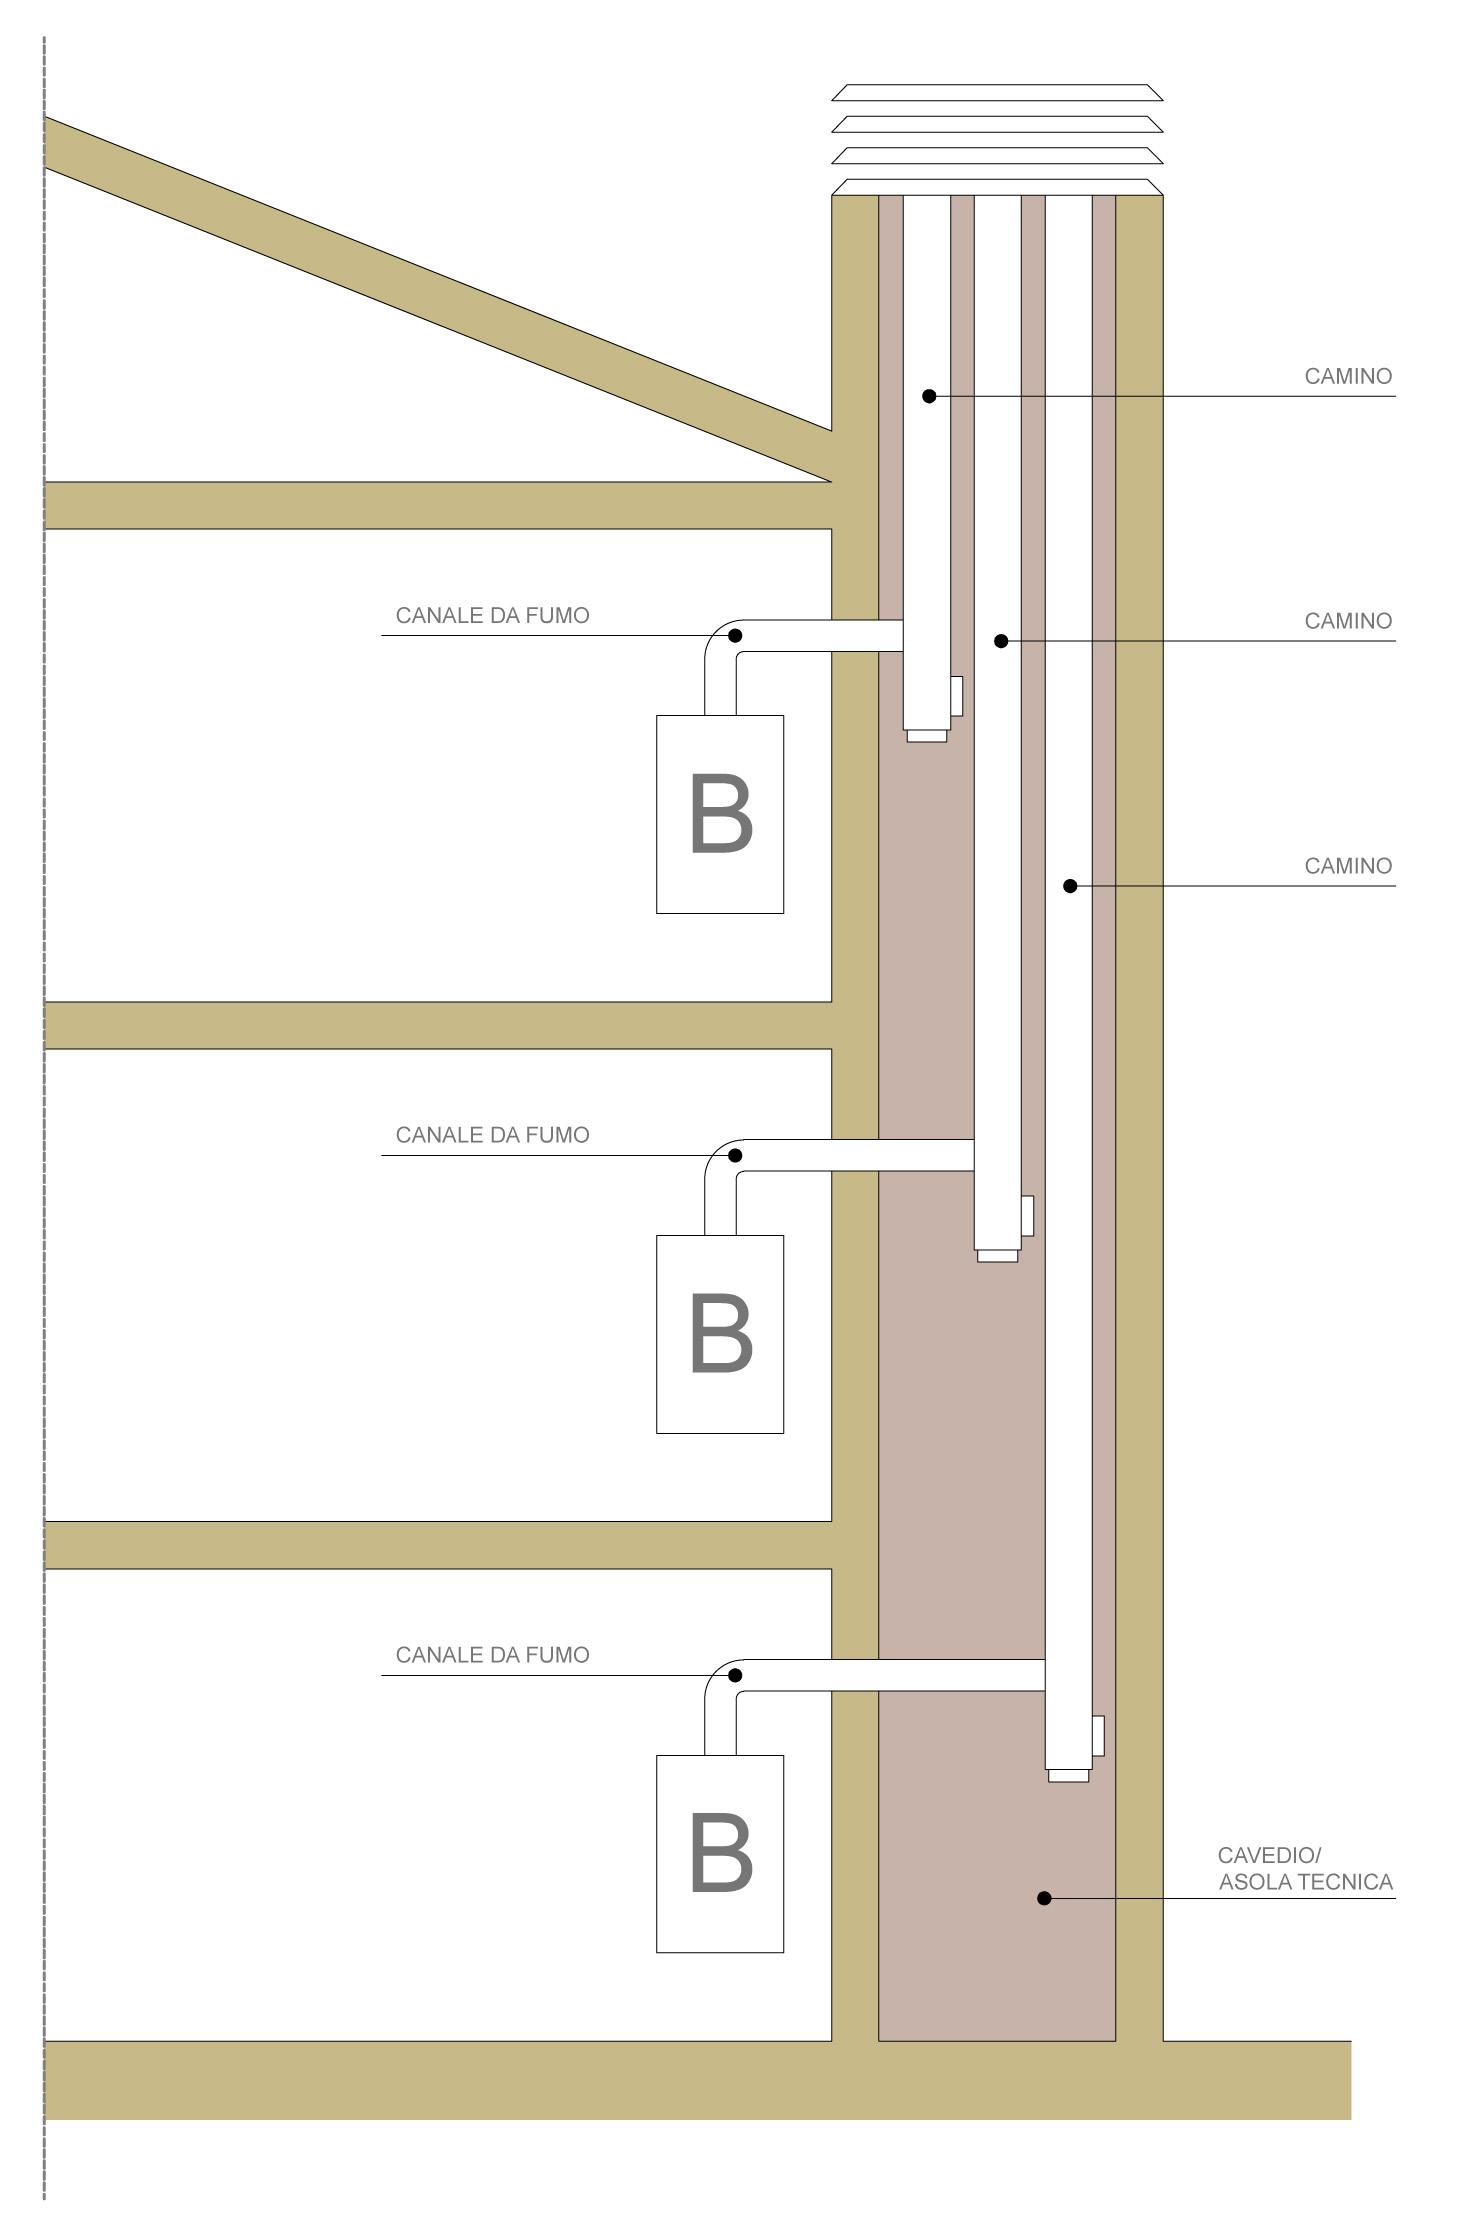 Stufe A Pellet Installazione Esterna il sistema di scarico dei fumi: corretta installazione